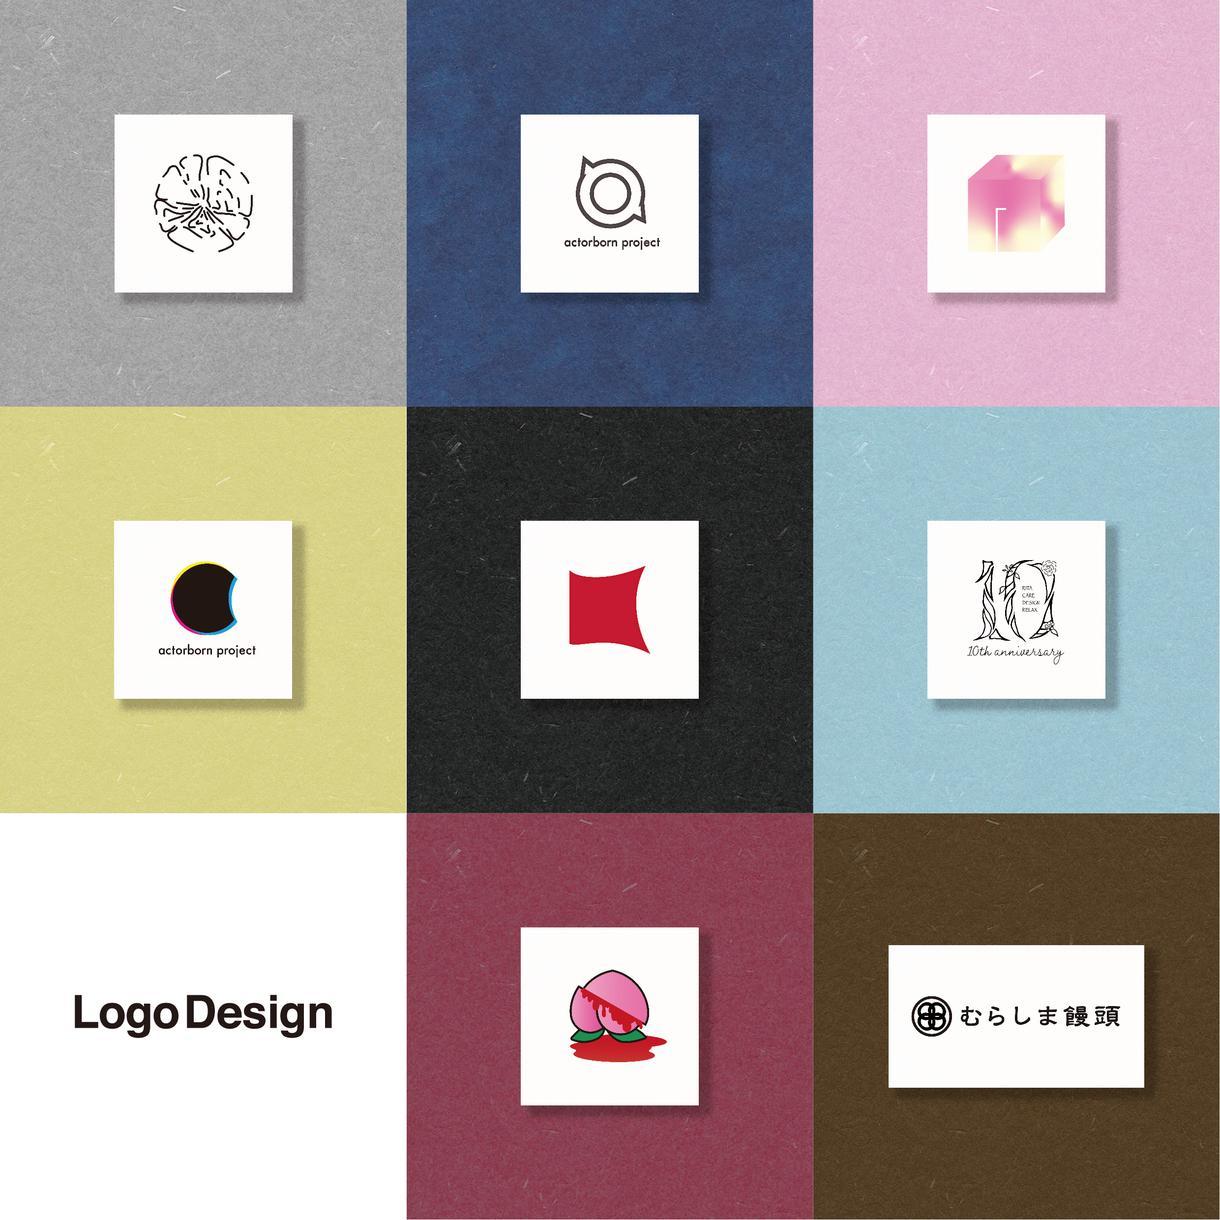 ロゴ制作で、あなたの挑戦を応援します 依頼者の方の意図を汲んだデザインを提供させていただきます! イメージ1